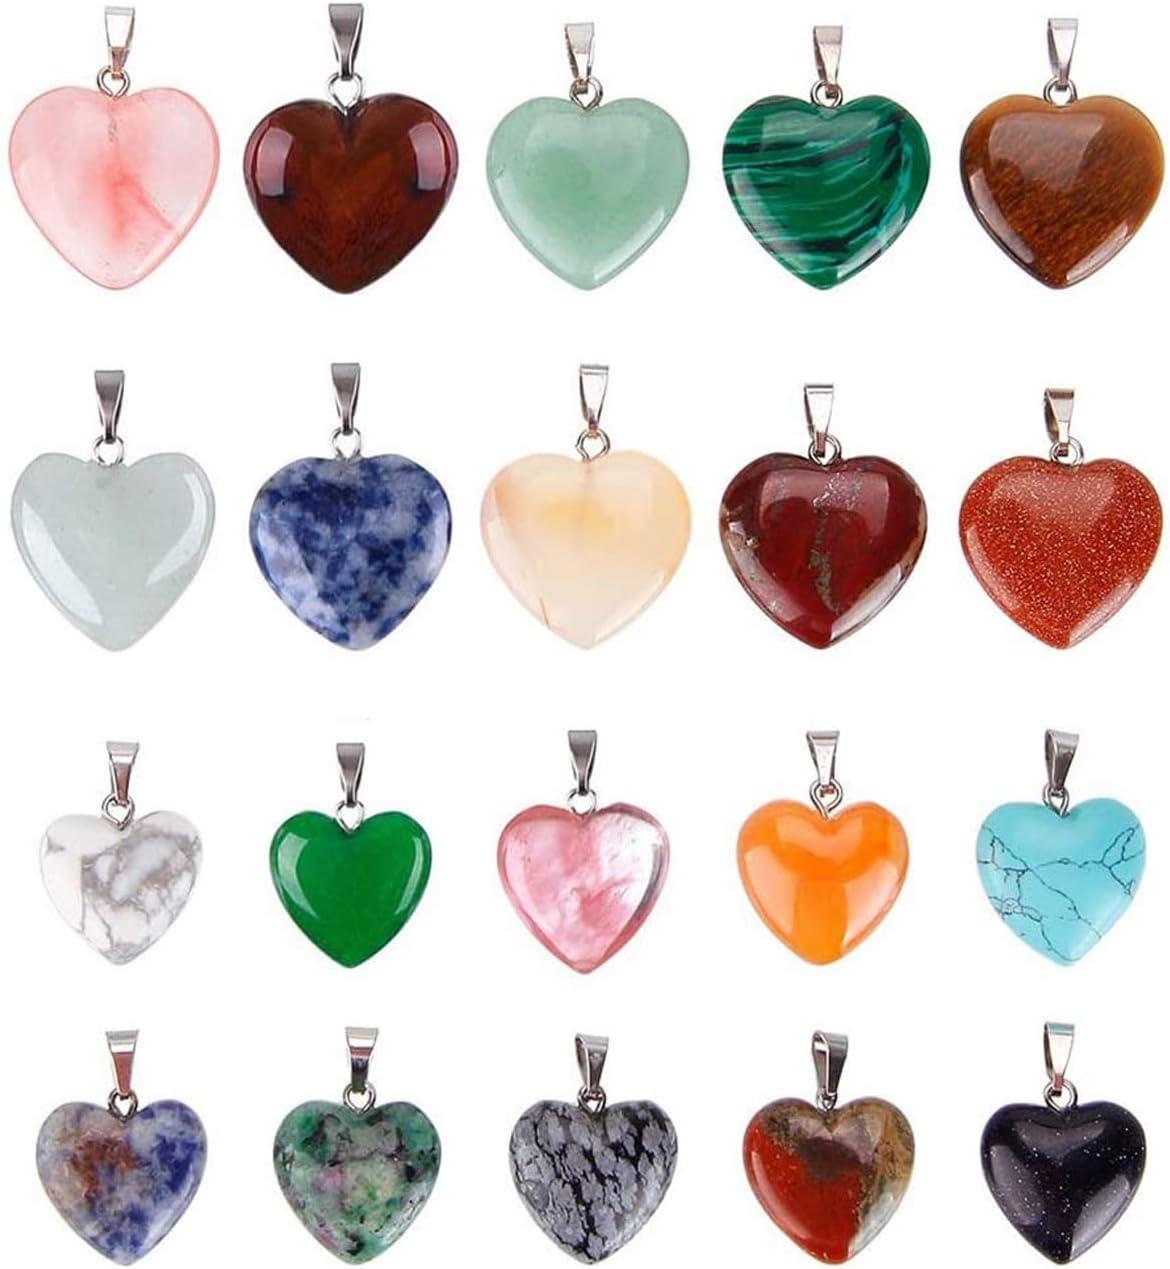 Lvcky - 20 Colgantes de Piedras en Forma de corazón para Chakras, 2 tamaños Diferentes